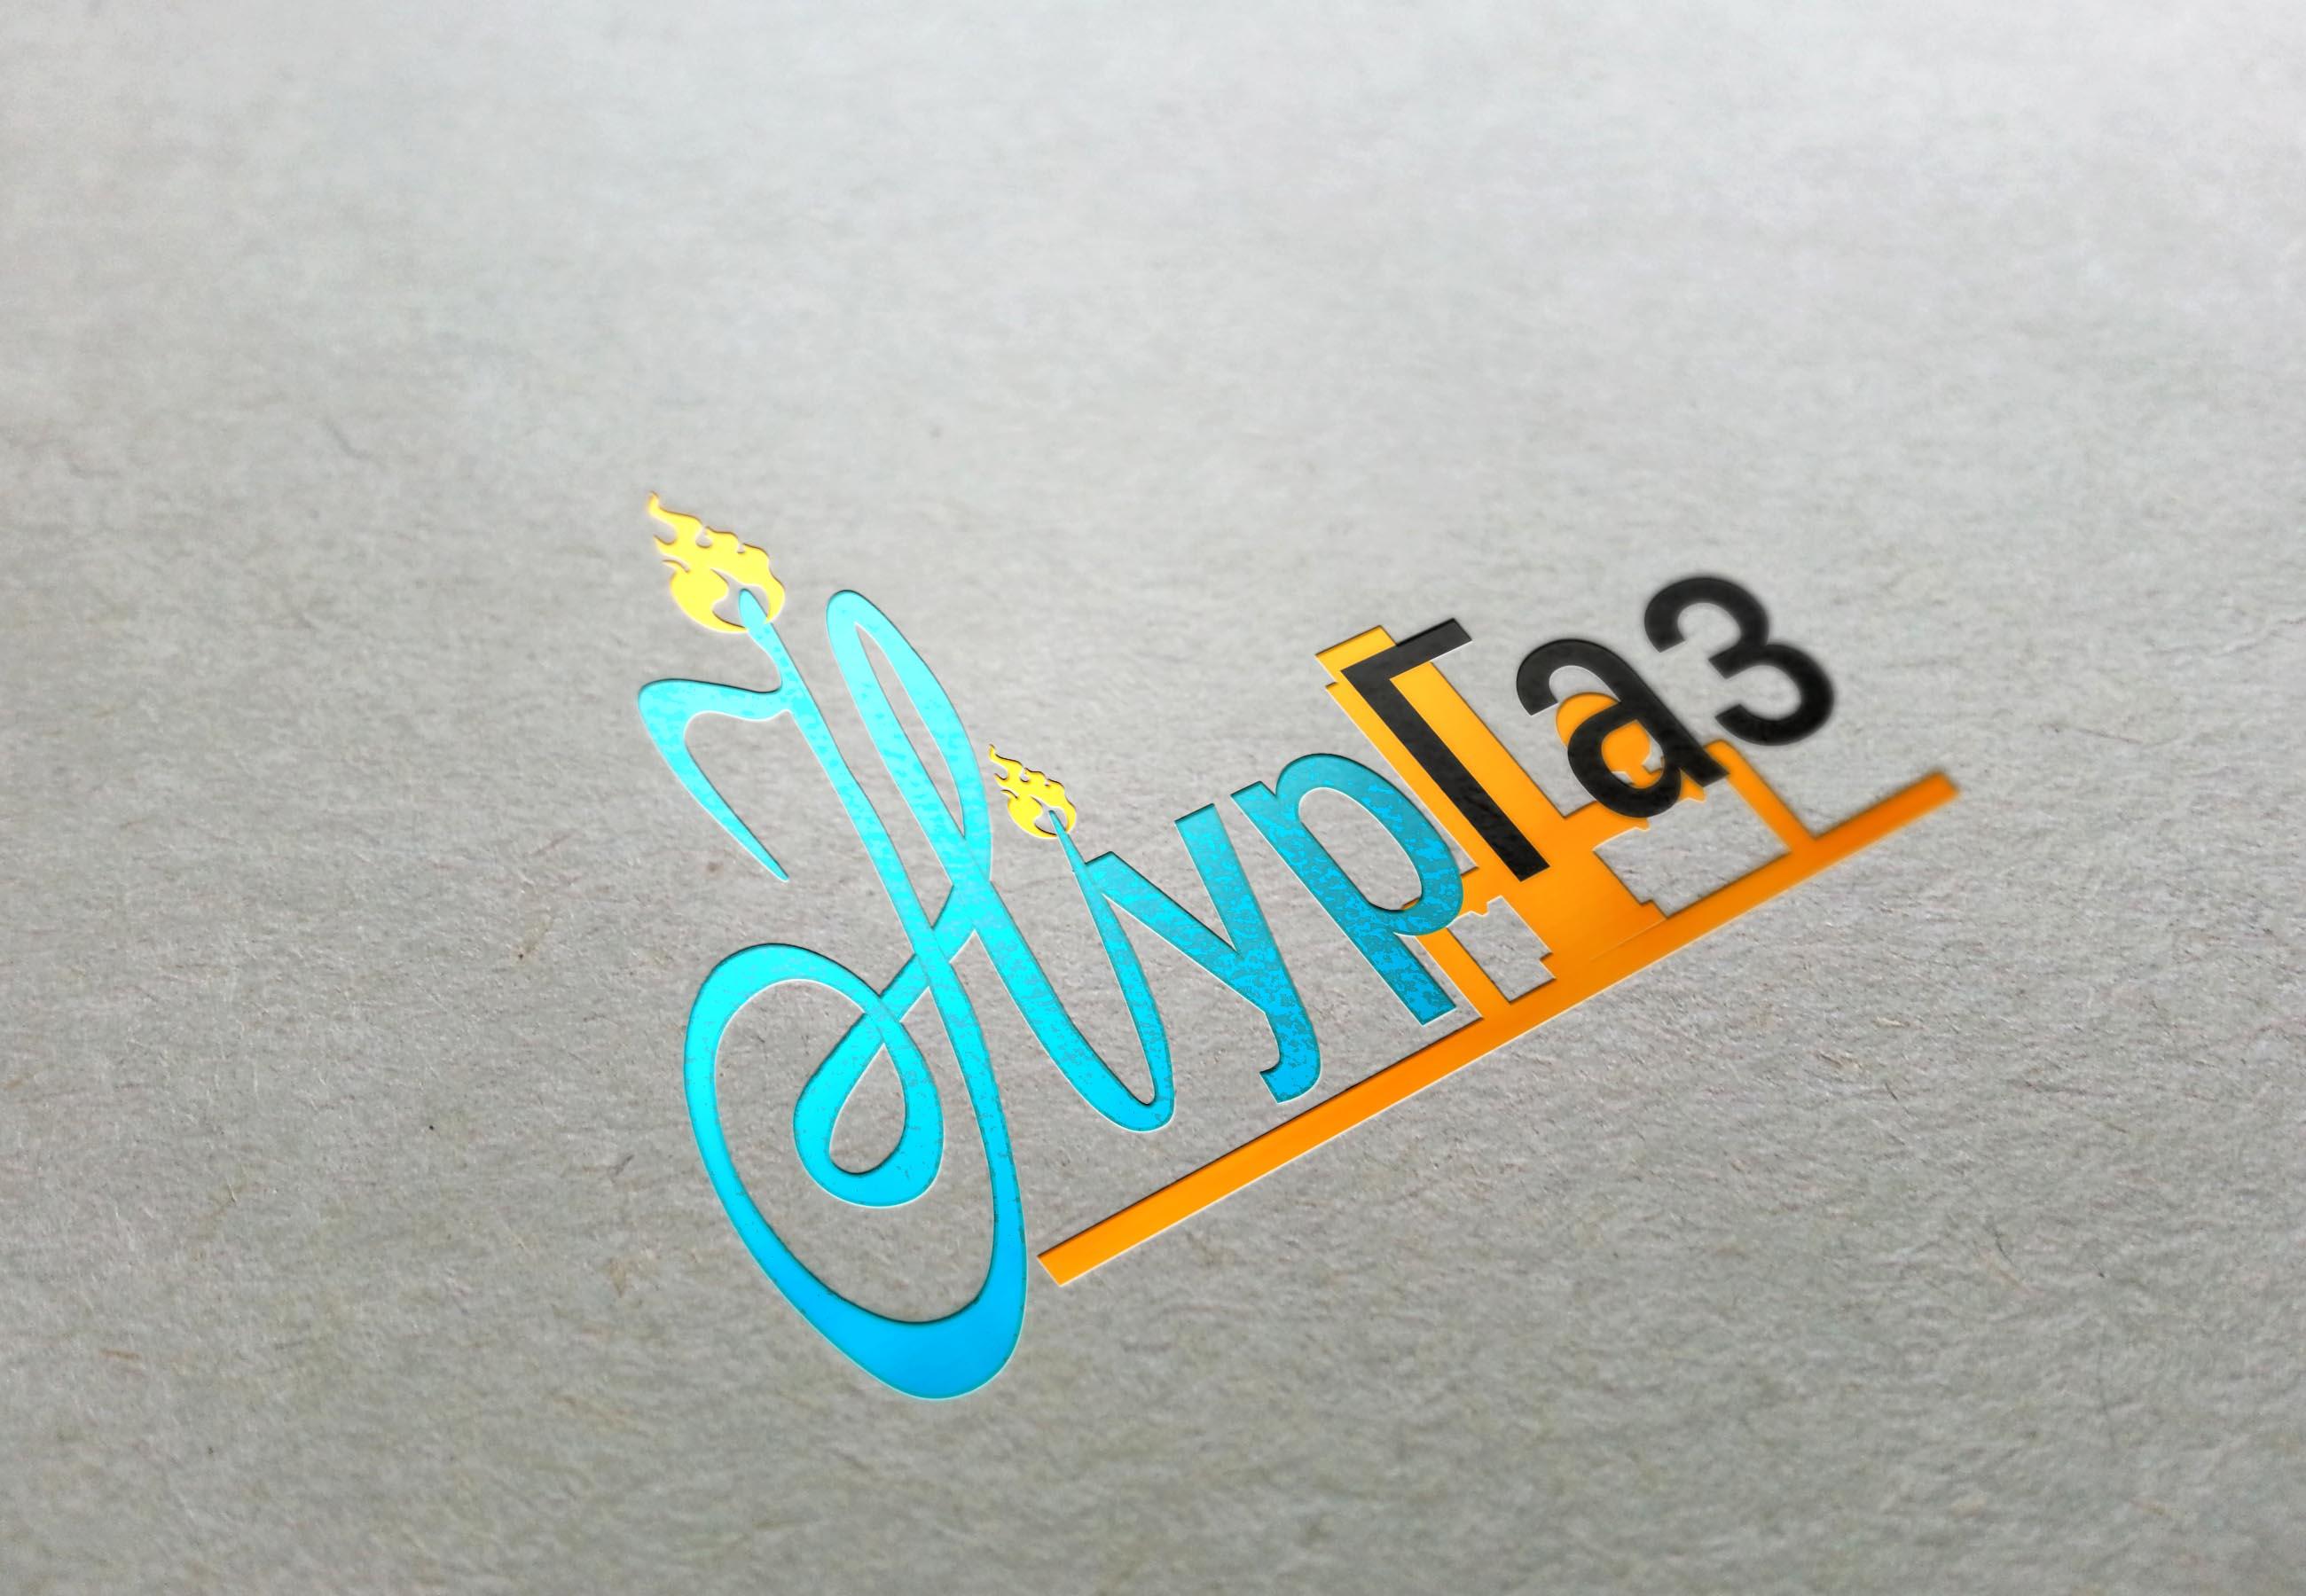 Разработка логотипа и фирменного стиля фото f_9695da2116264f06.jpg